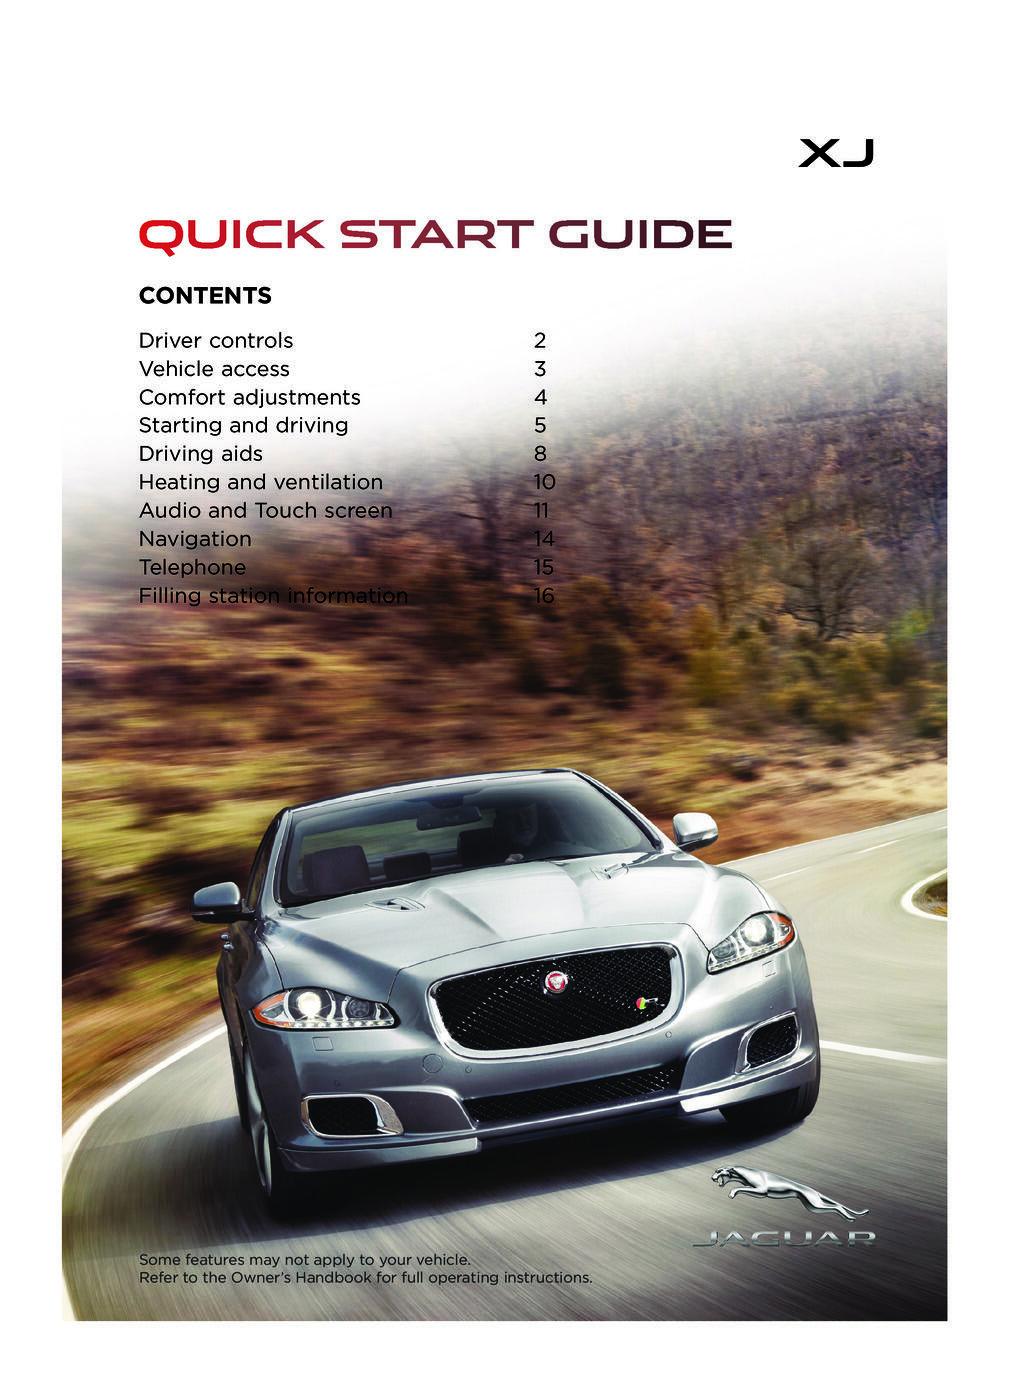 2015 Jaguar Xj owners manual